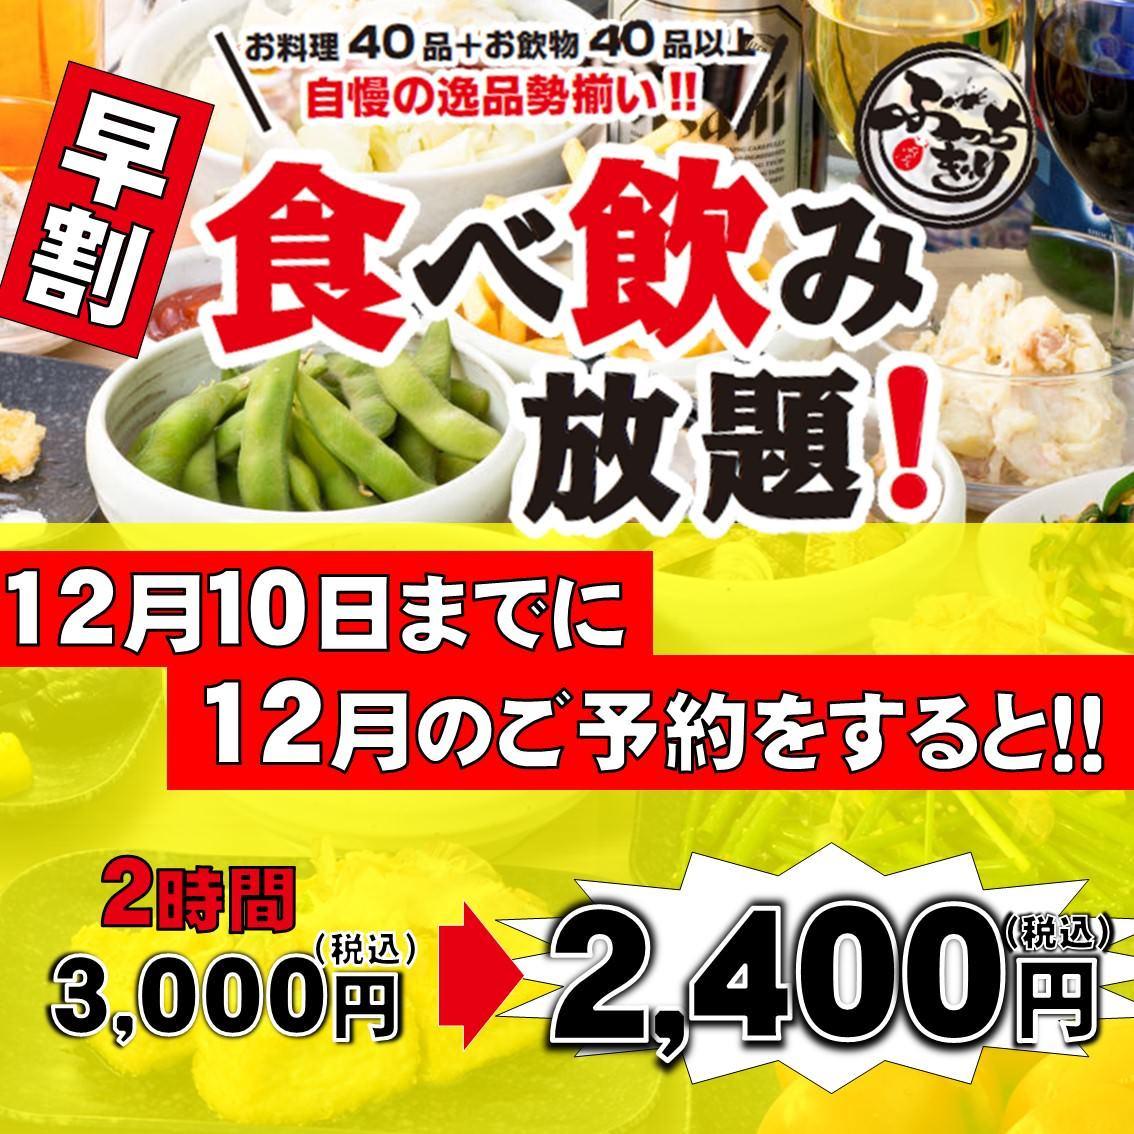 大衆酒場×食べ放題 ぶっちぎり酒場 渋谷宮益坂店